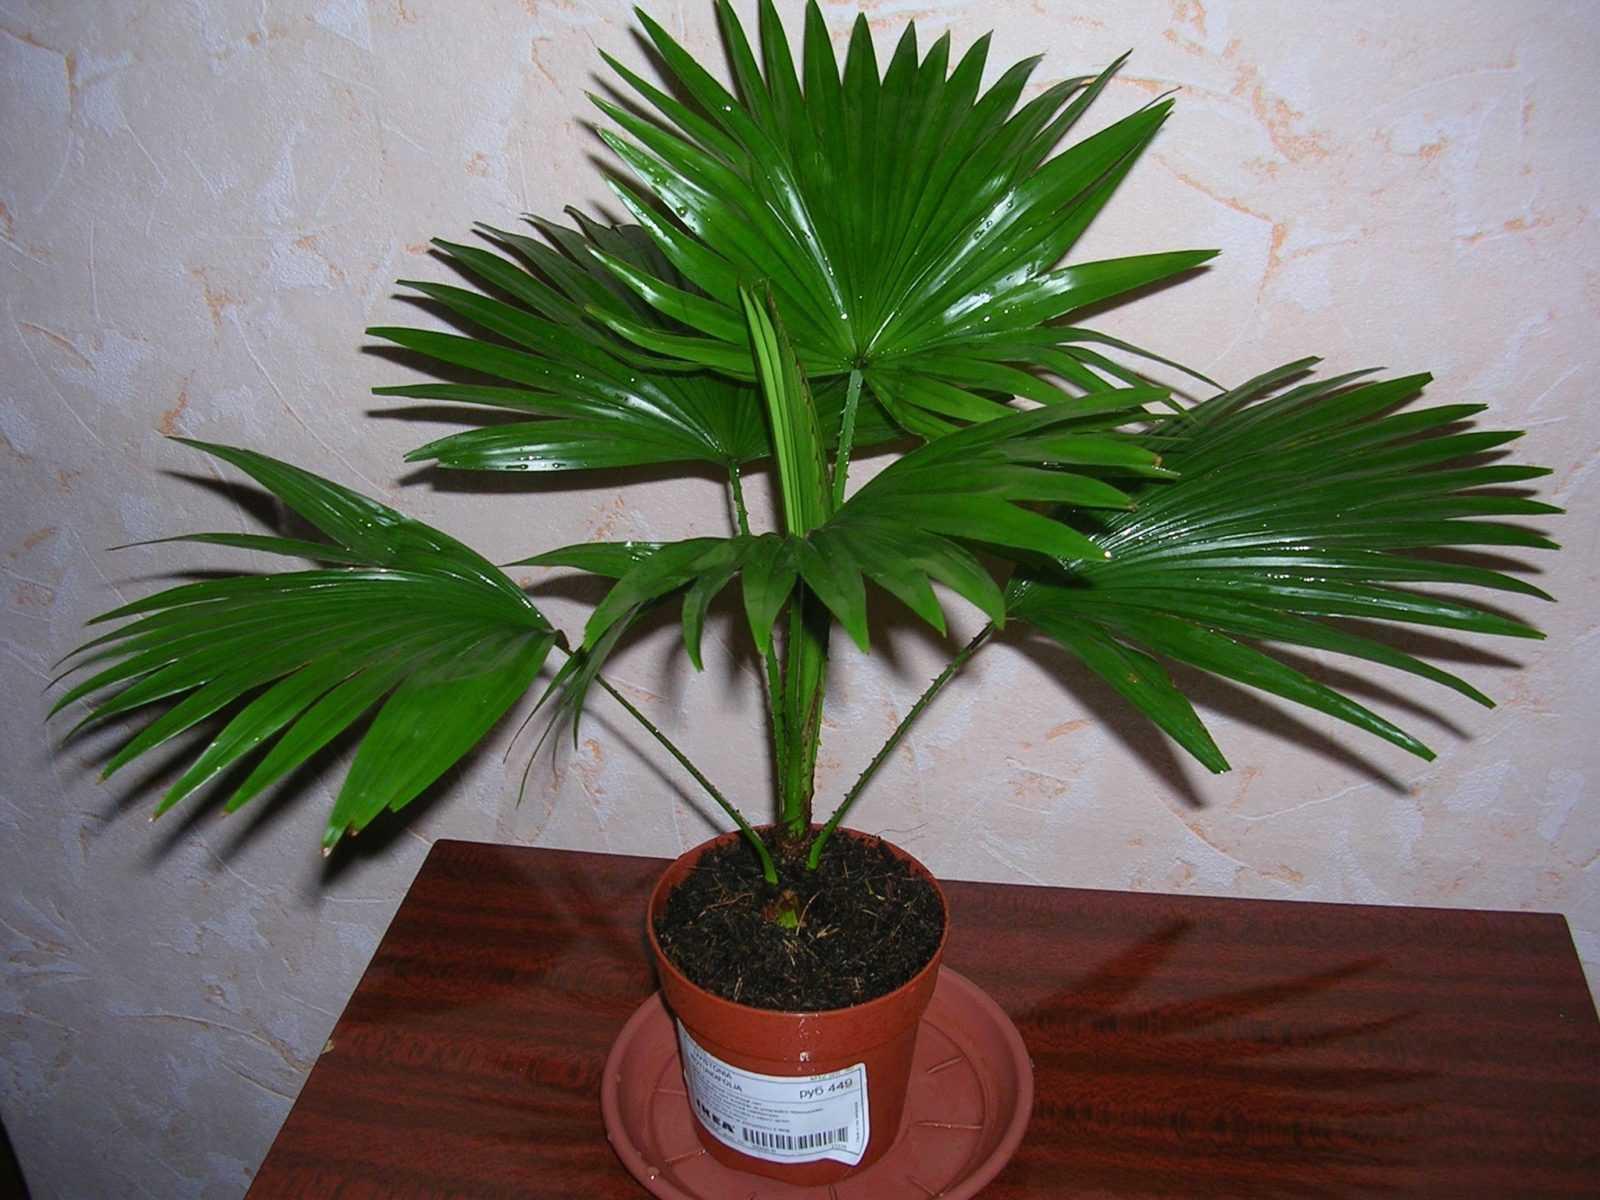 komnatnaya-palma-foto-video-vidy-palm-nazvanie-i-opisanie-rasteniya-20